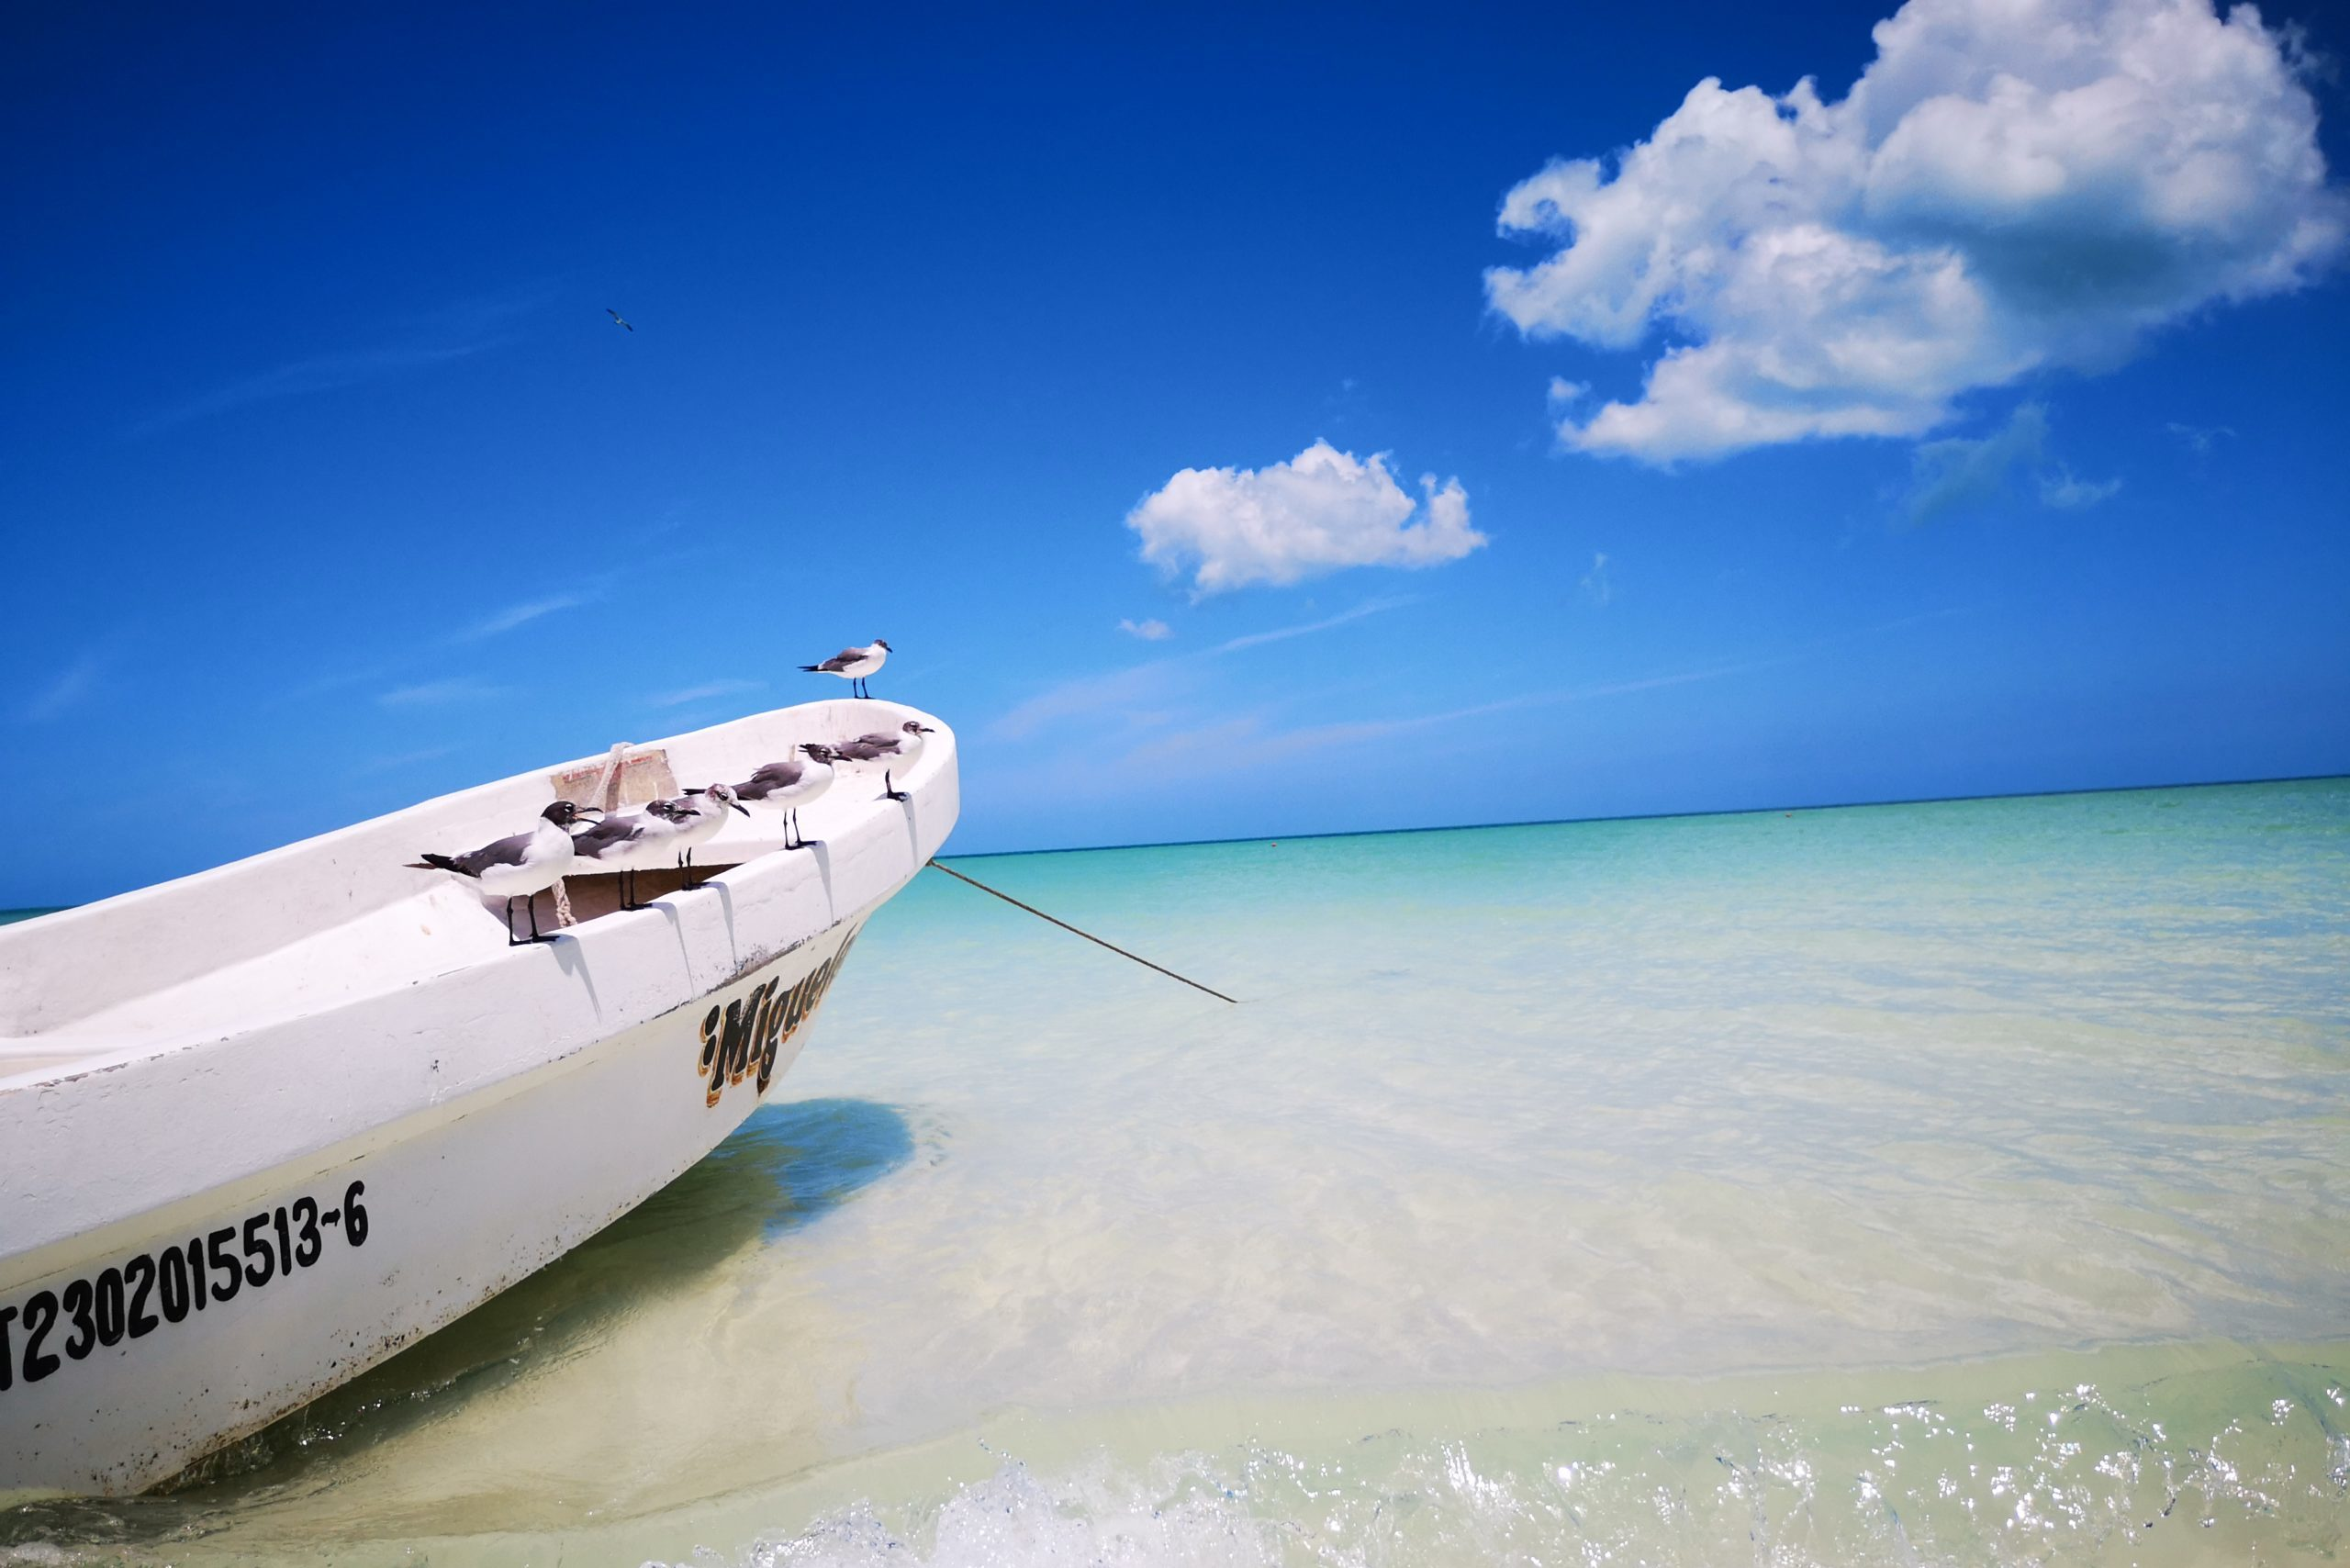 Fischerboot mit Möven am Strand der Isla Holbox in Mexiko